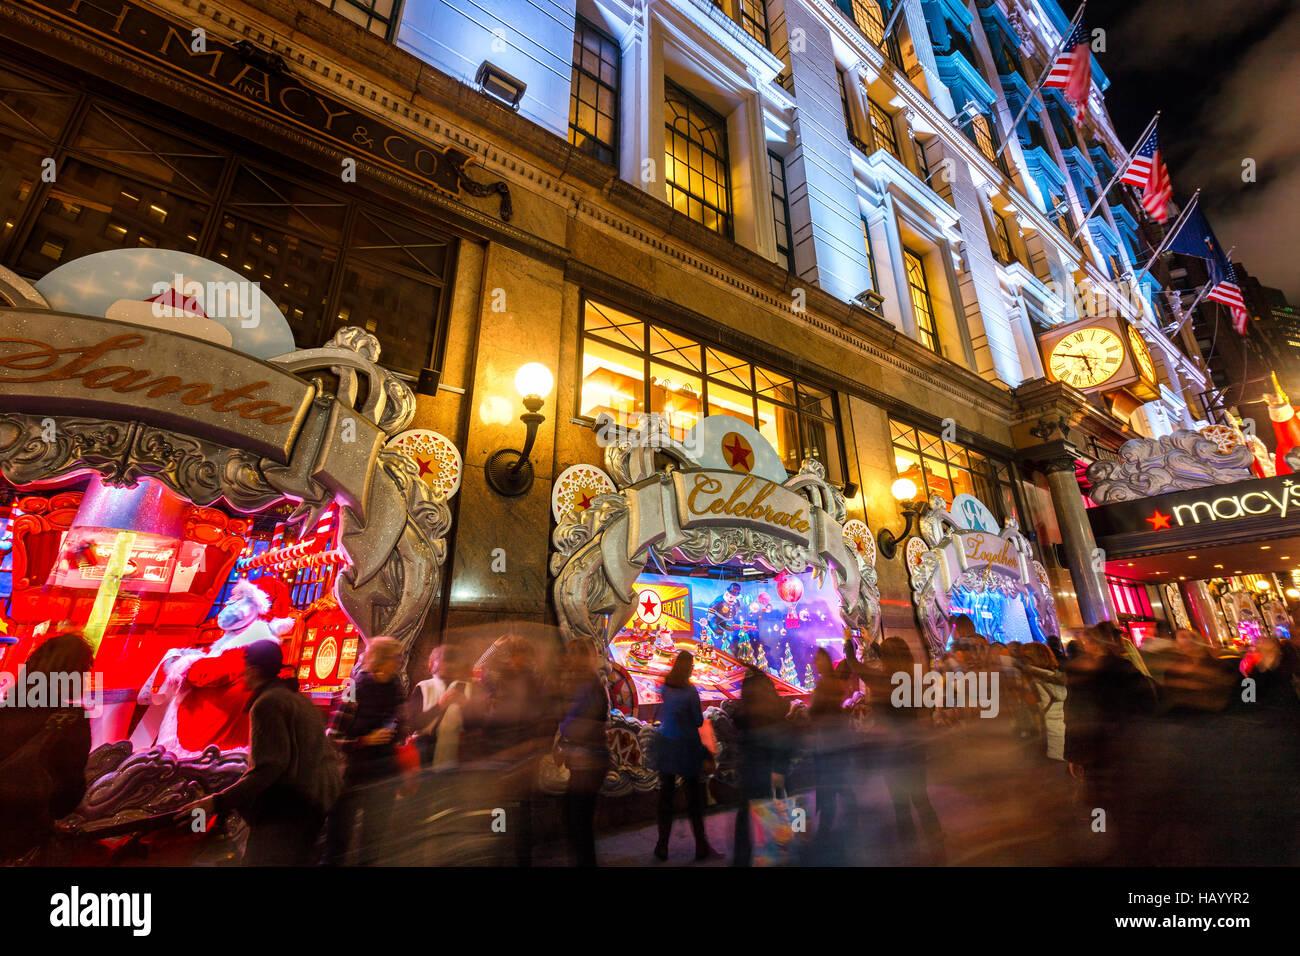 Macy's (tienda departamental) con luces de Navidad y se muestra la ventana de vacaciones. Midtown Manhattan, Imagen De Stock